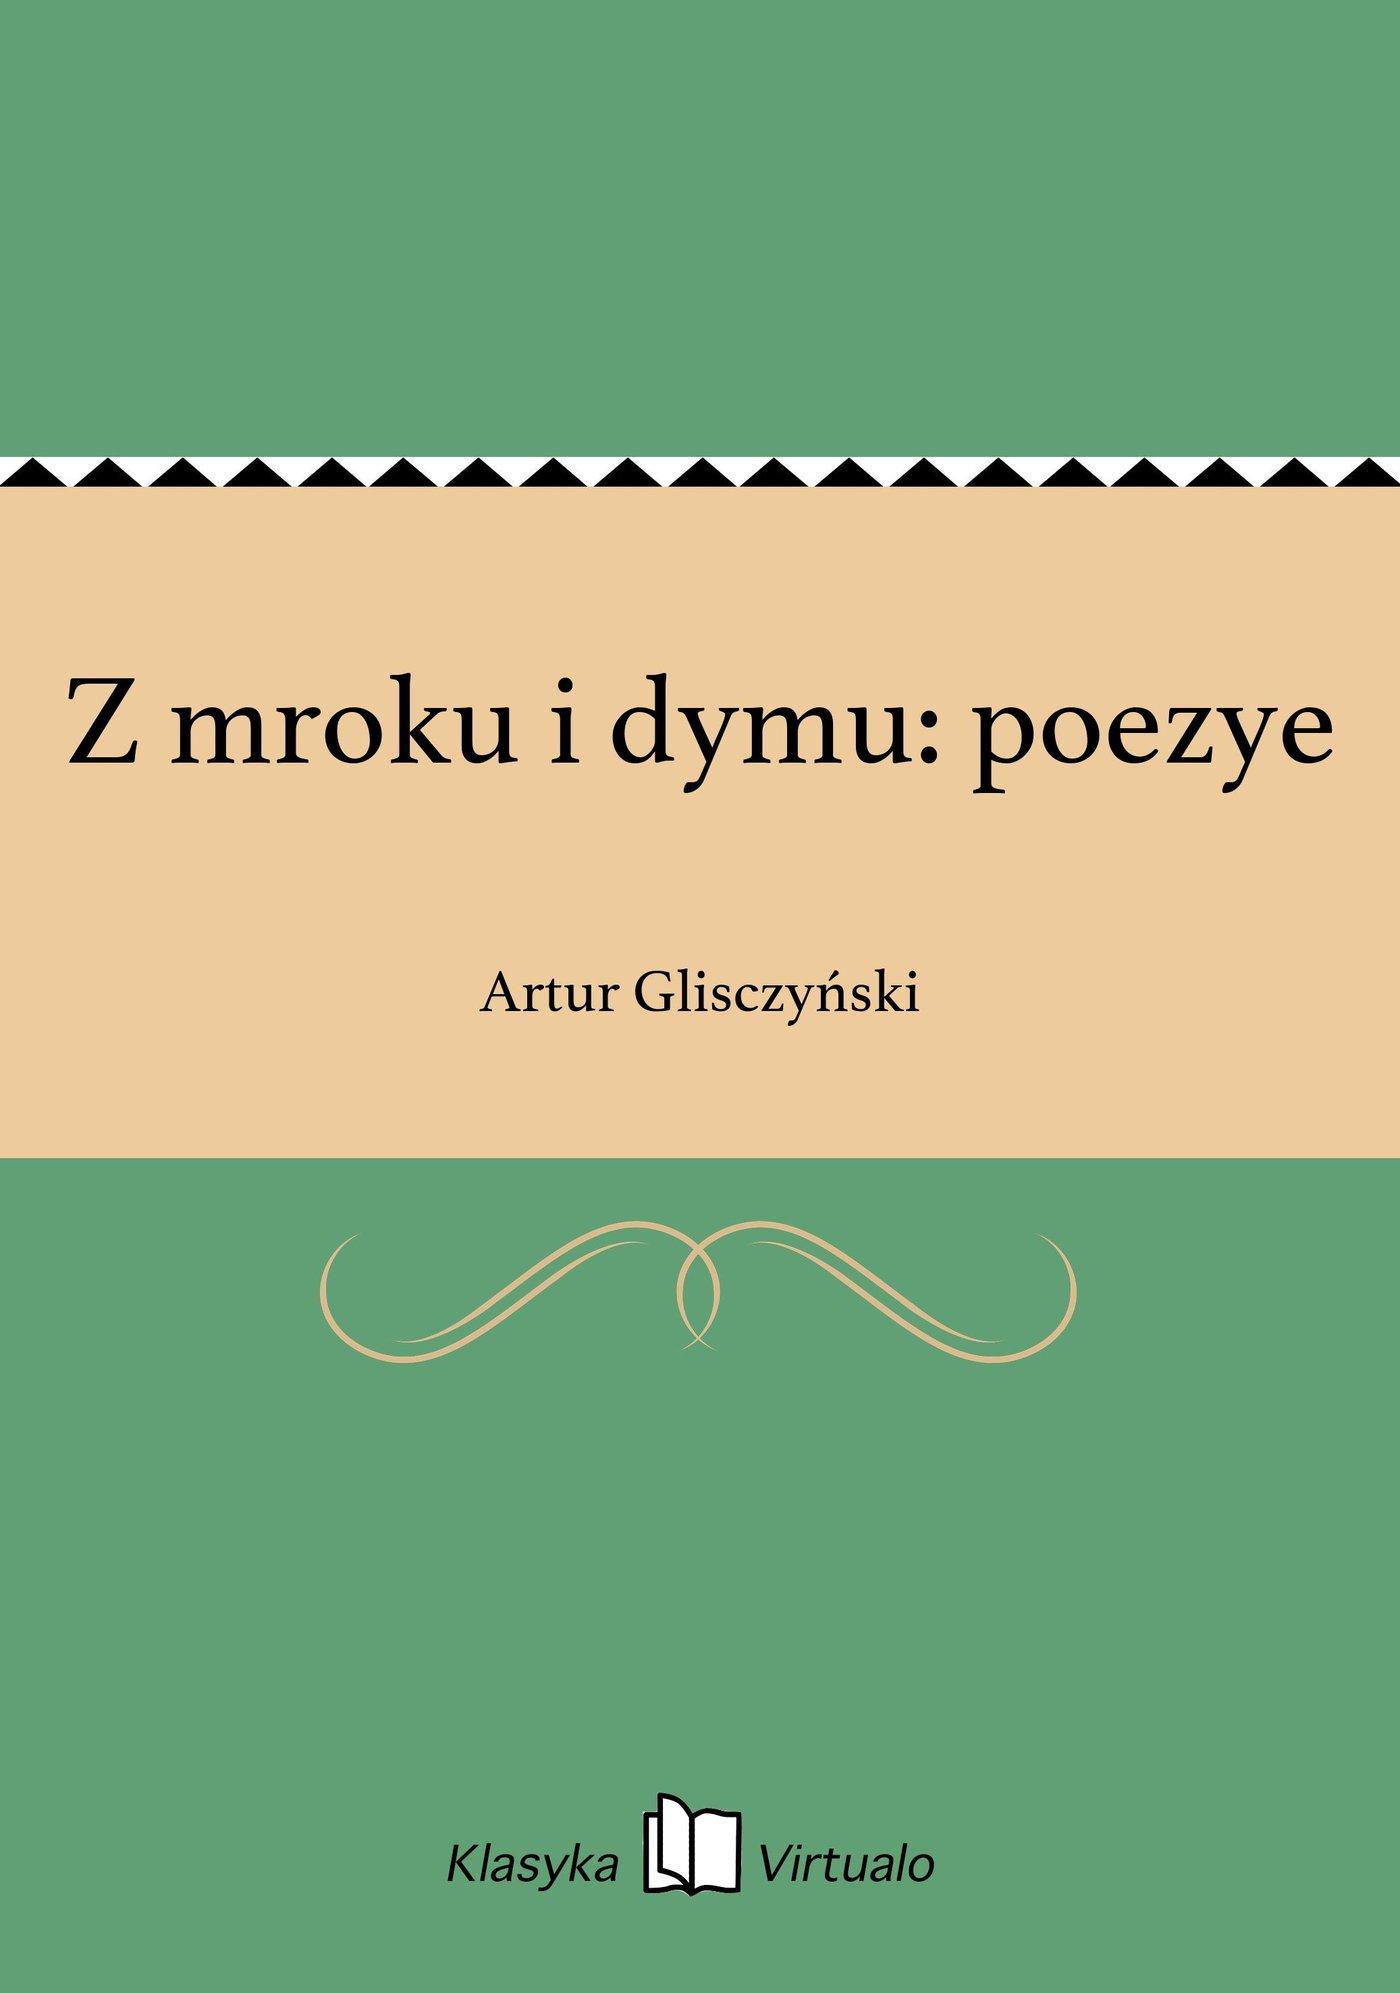 Z mroku i dymu: poezye - Ebook (Książka EPUB) do pobrania w formacie EPUB